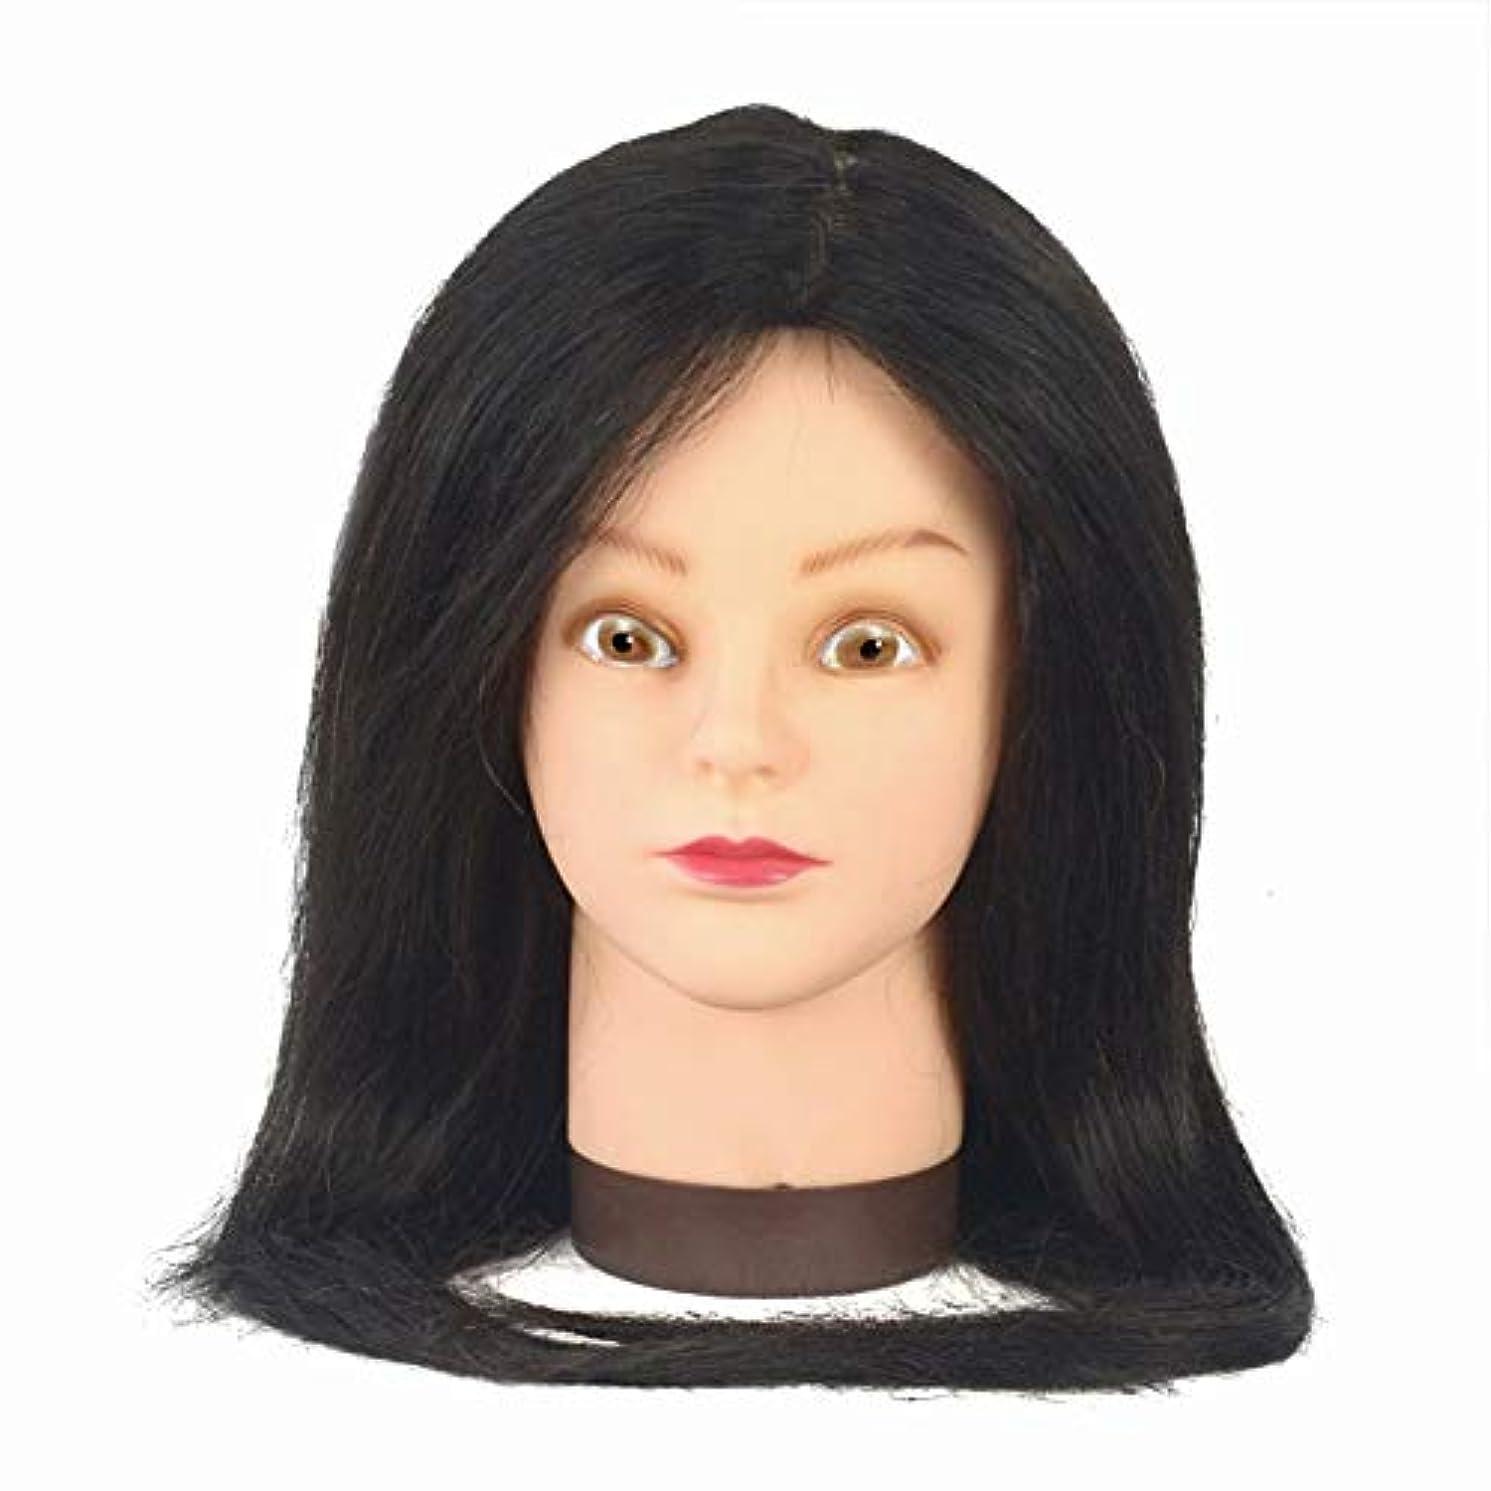 休戦アトラス近似80%リアル人間の髪モデルヘッドサロン学習吹くことができますパーマ髪染めダミーヘッド編集ヘア練習ヘッドモデル,Black